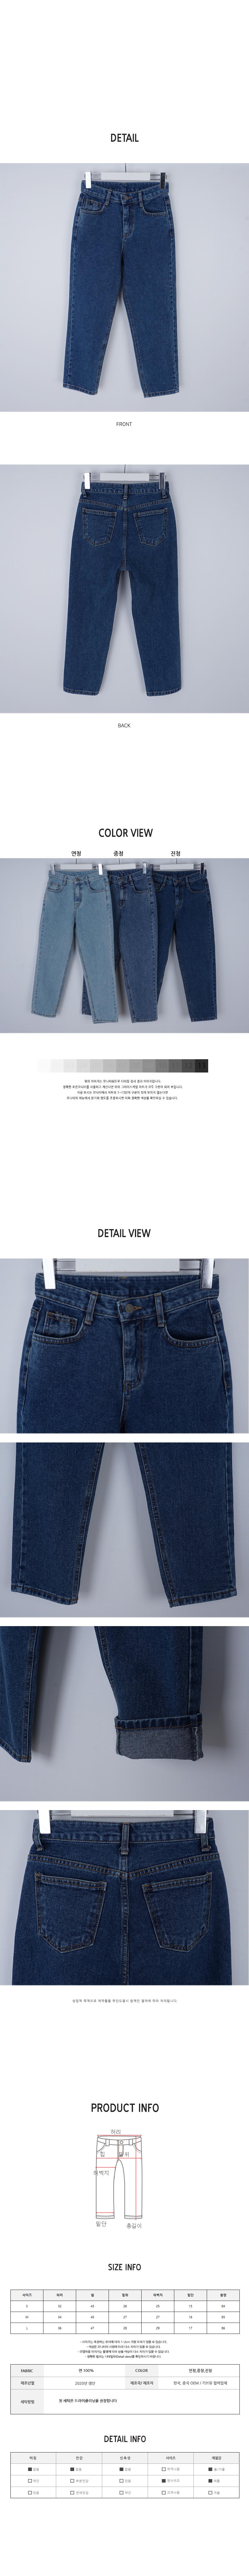 Grand Slim Date Pants